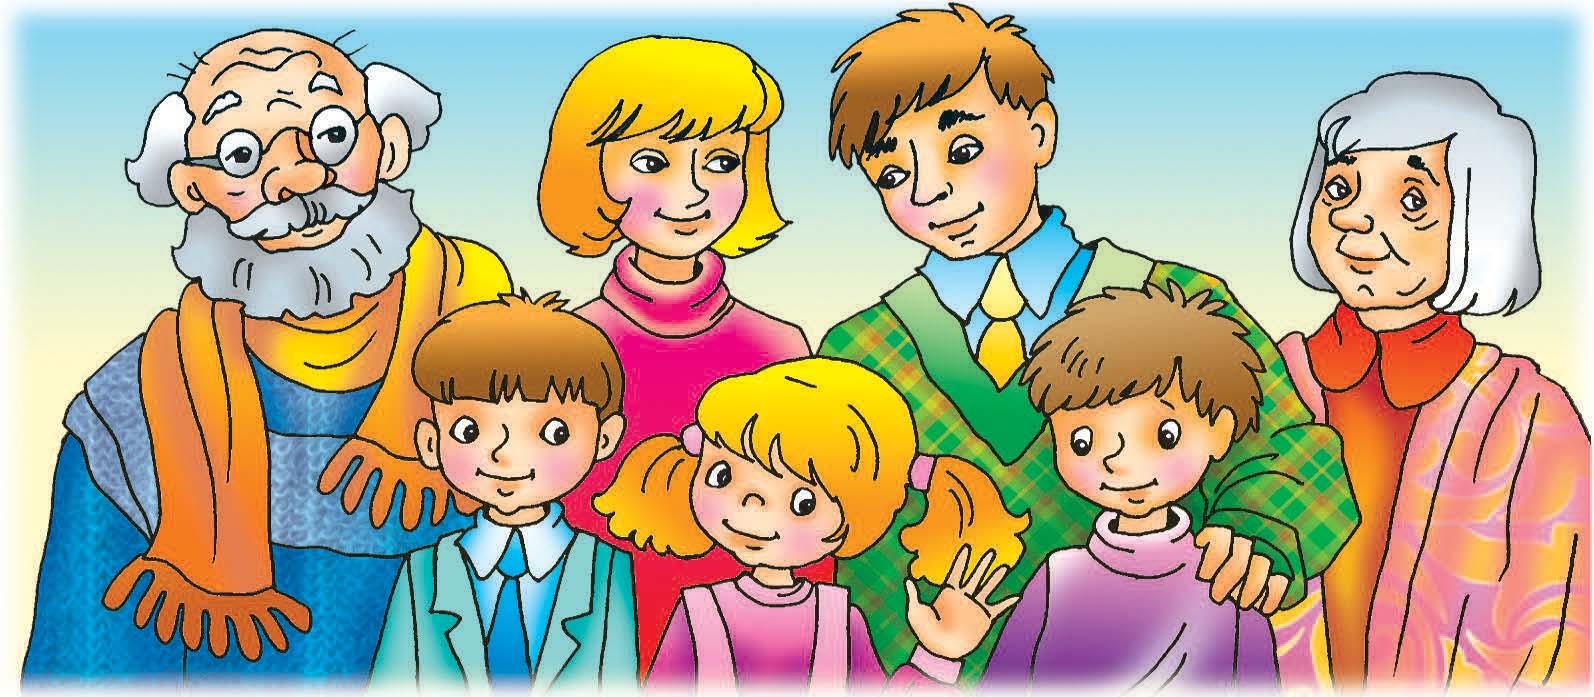 Уважение и взаимопонимание в семье ОБЖ Реферат доклад  Уважение и взаимопонимание в семье